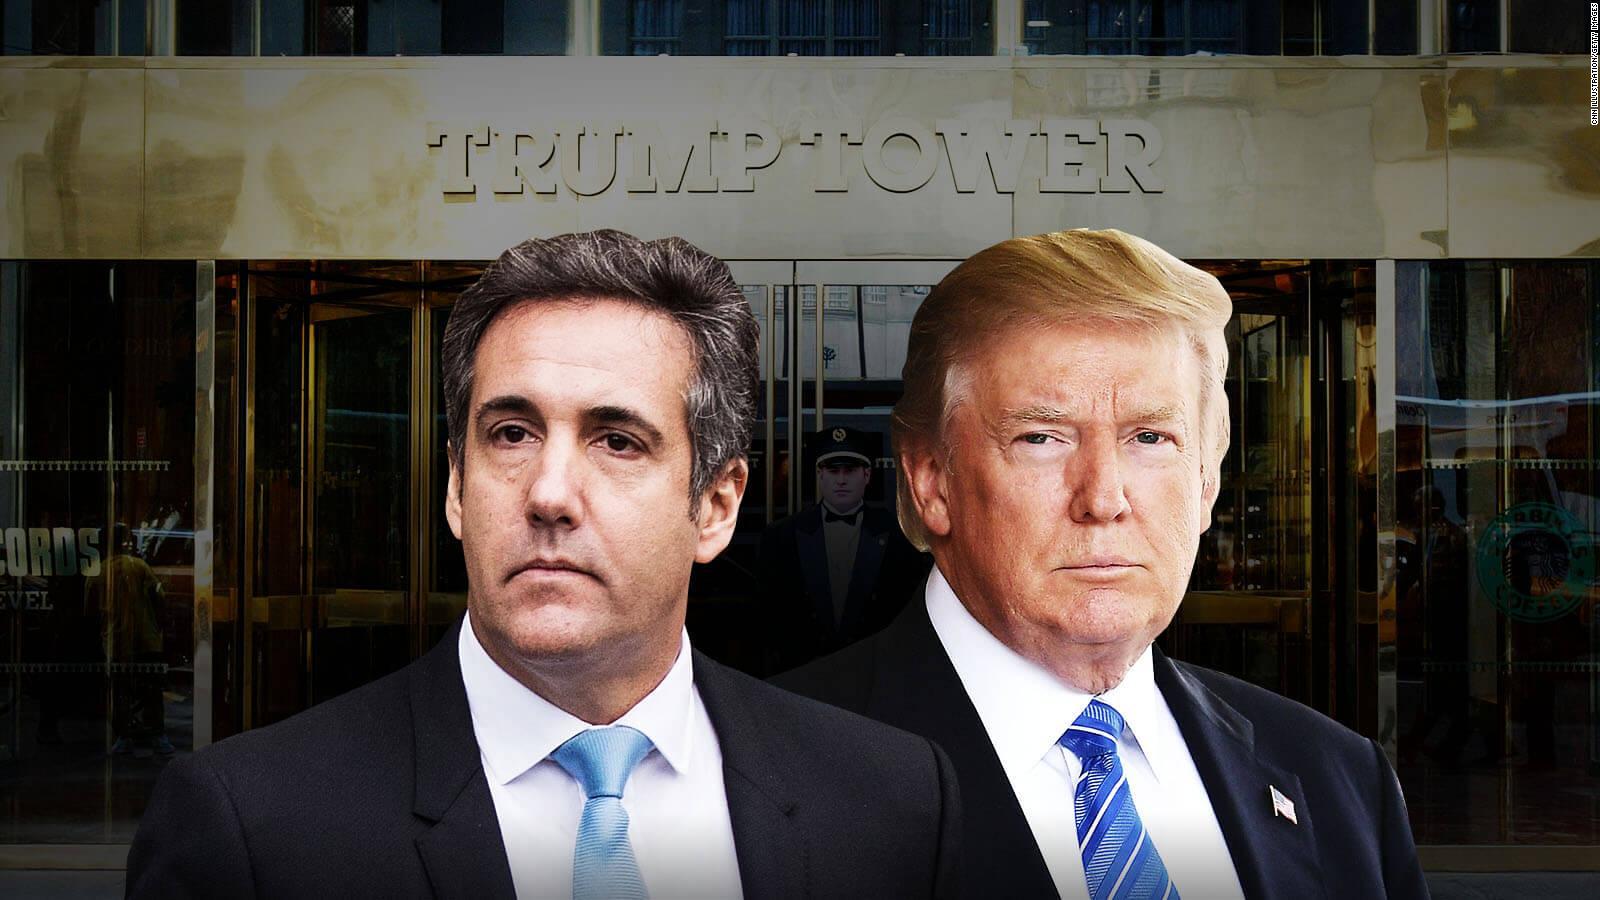 #MinutoCNN: Trump niega afirmaciones de Cohen sobre reunión con rusos en la Torre Trump